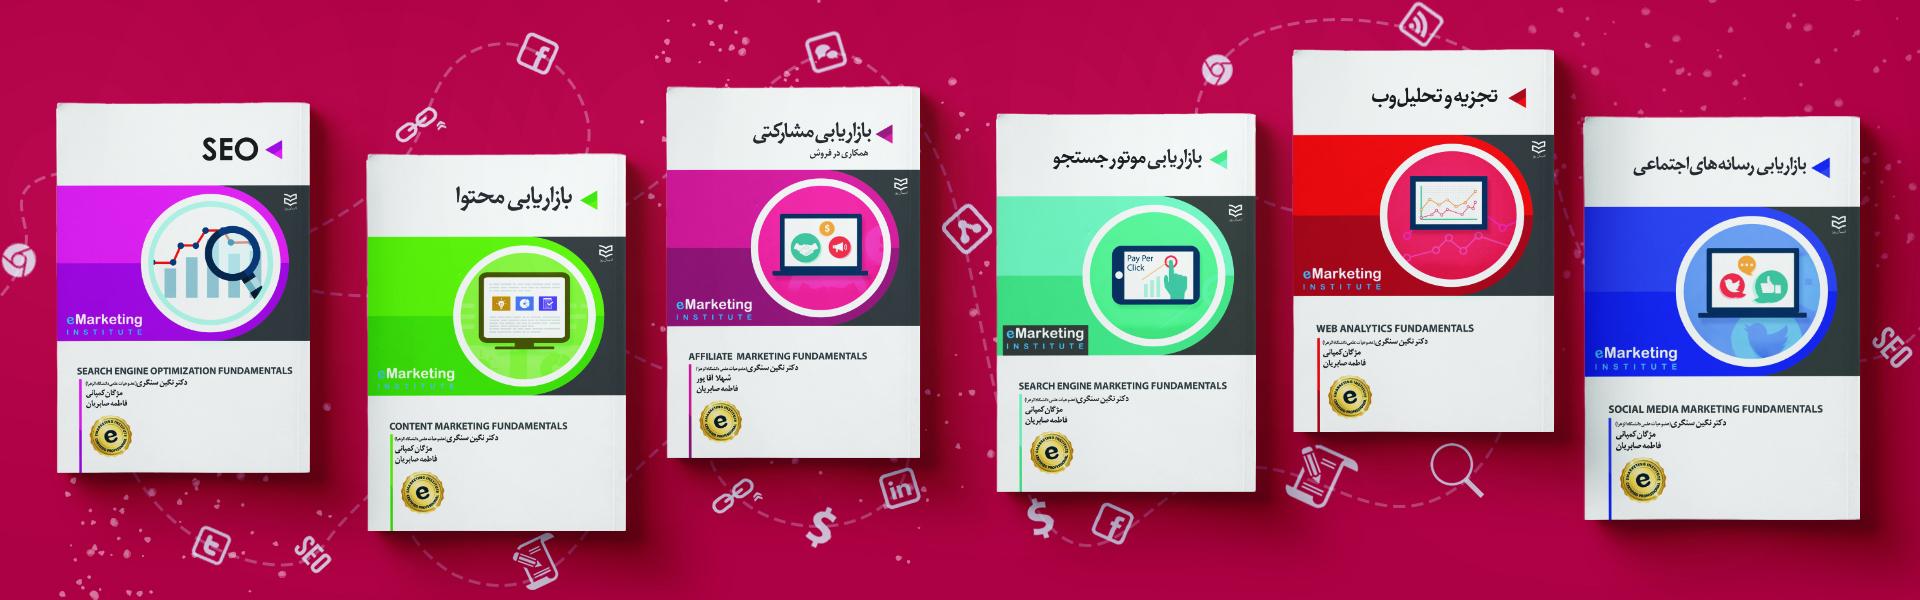 روی عکس کلیک کنید تا درباره پکیج دیجیتال مارکتینگ بیشتر بدانید